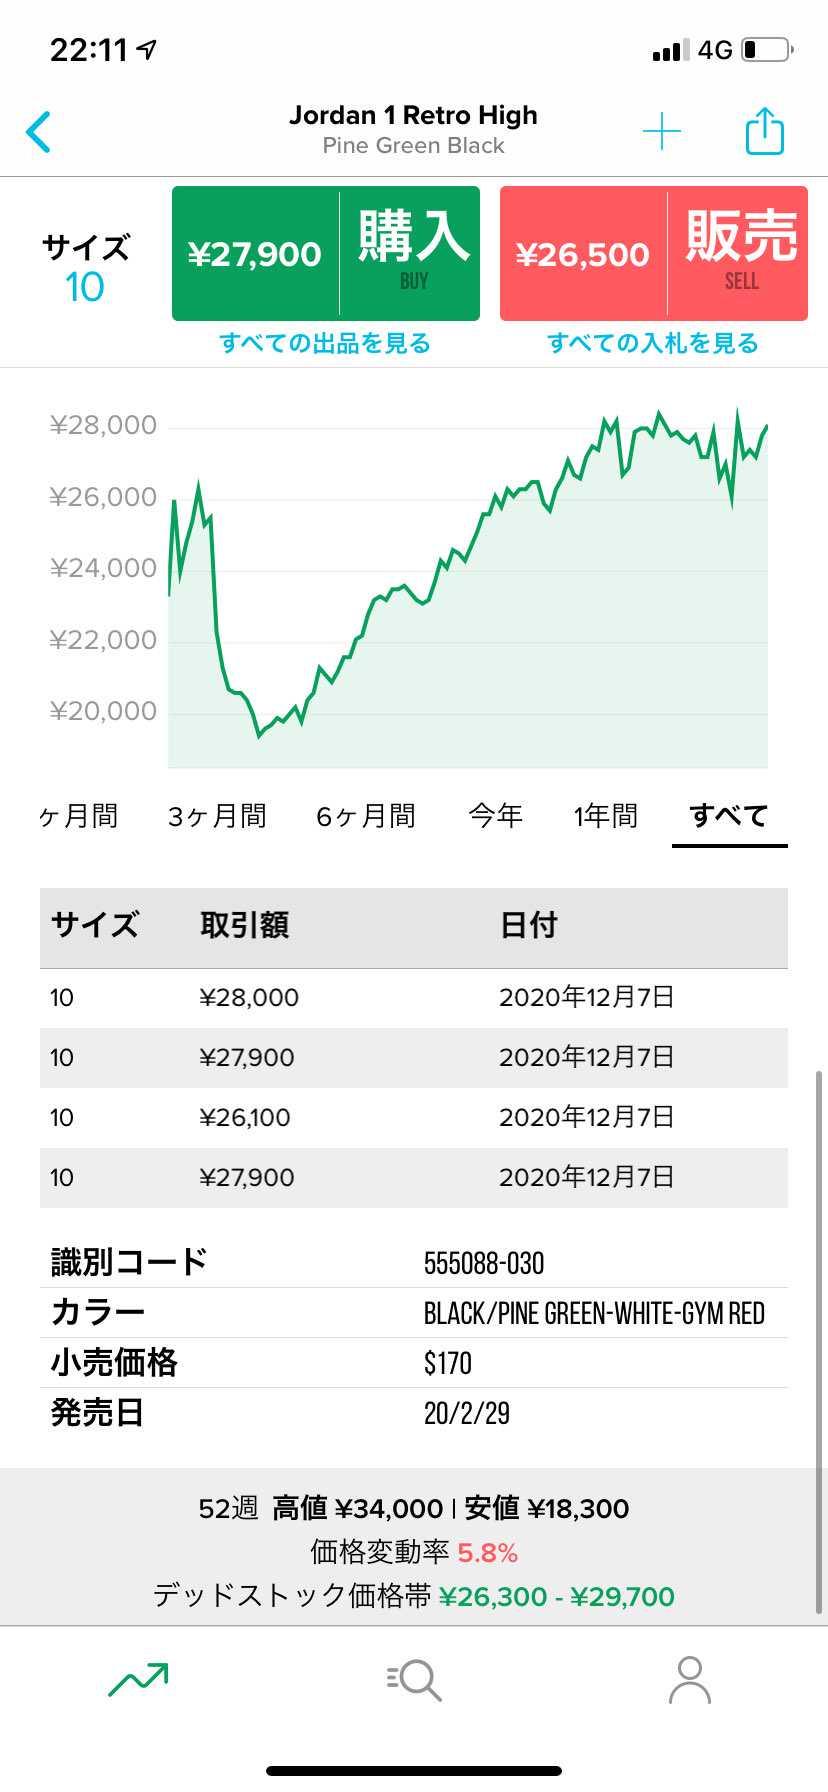 だいぶ海外で値段上がってきてるなぁ。 そろそろ日本でも値段が跳ね上がる可能性あ